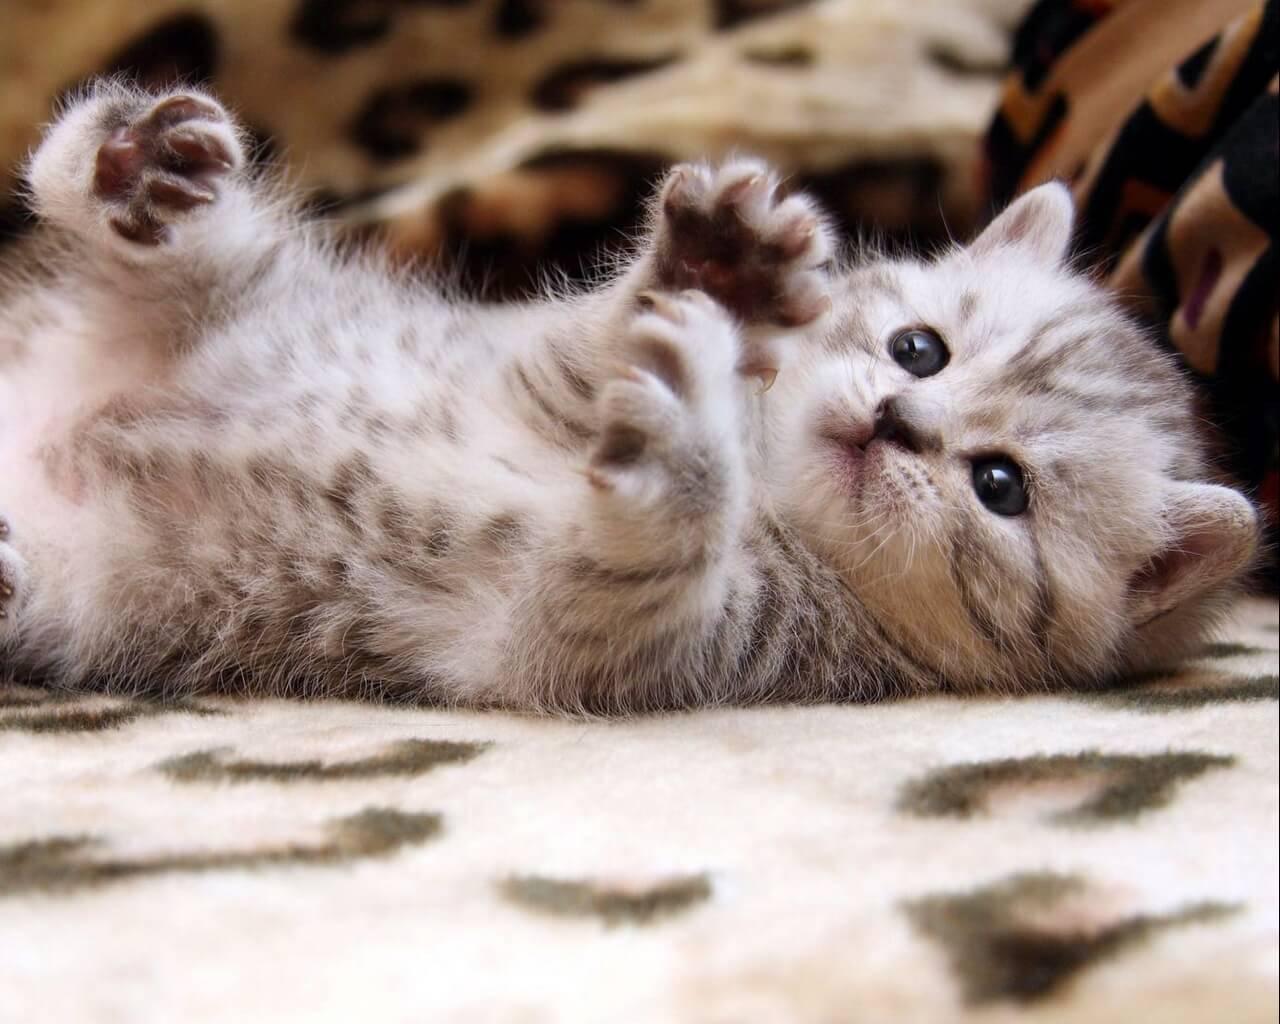 Подборка милых котов и кошек в картинках 14